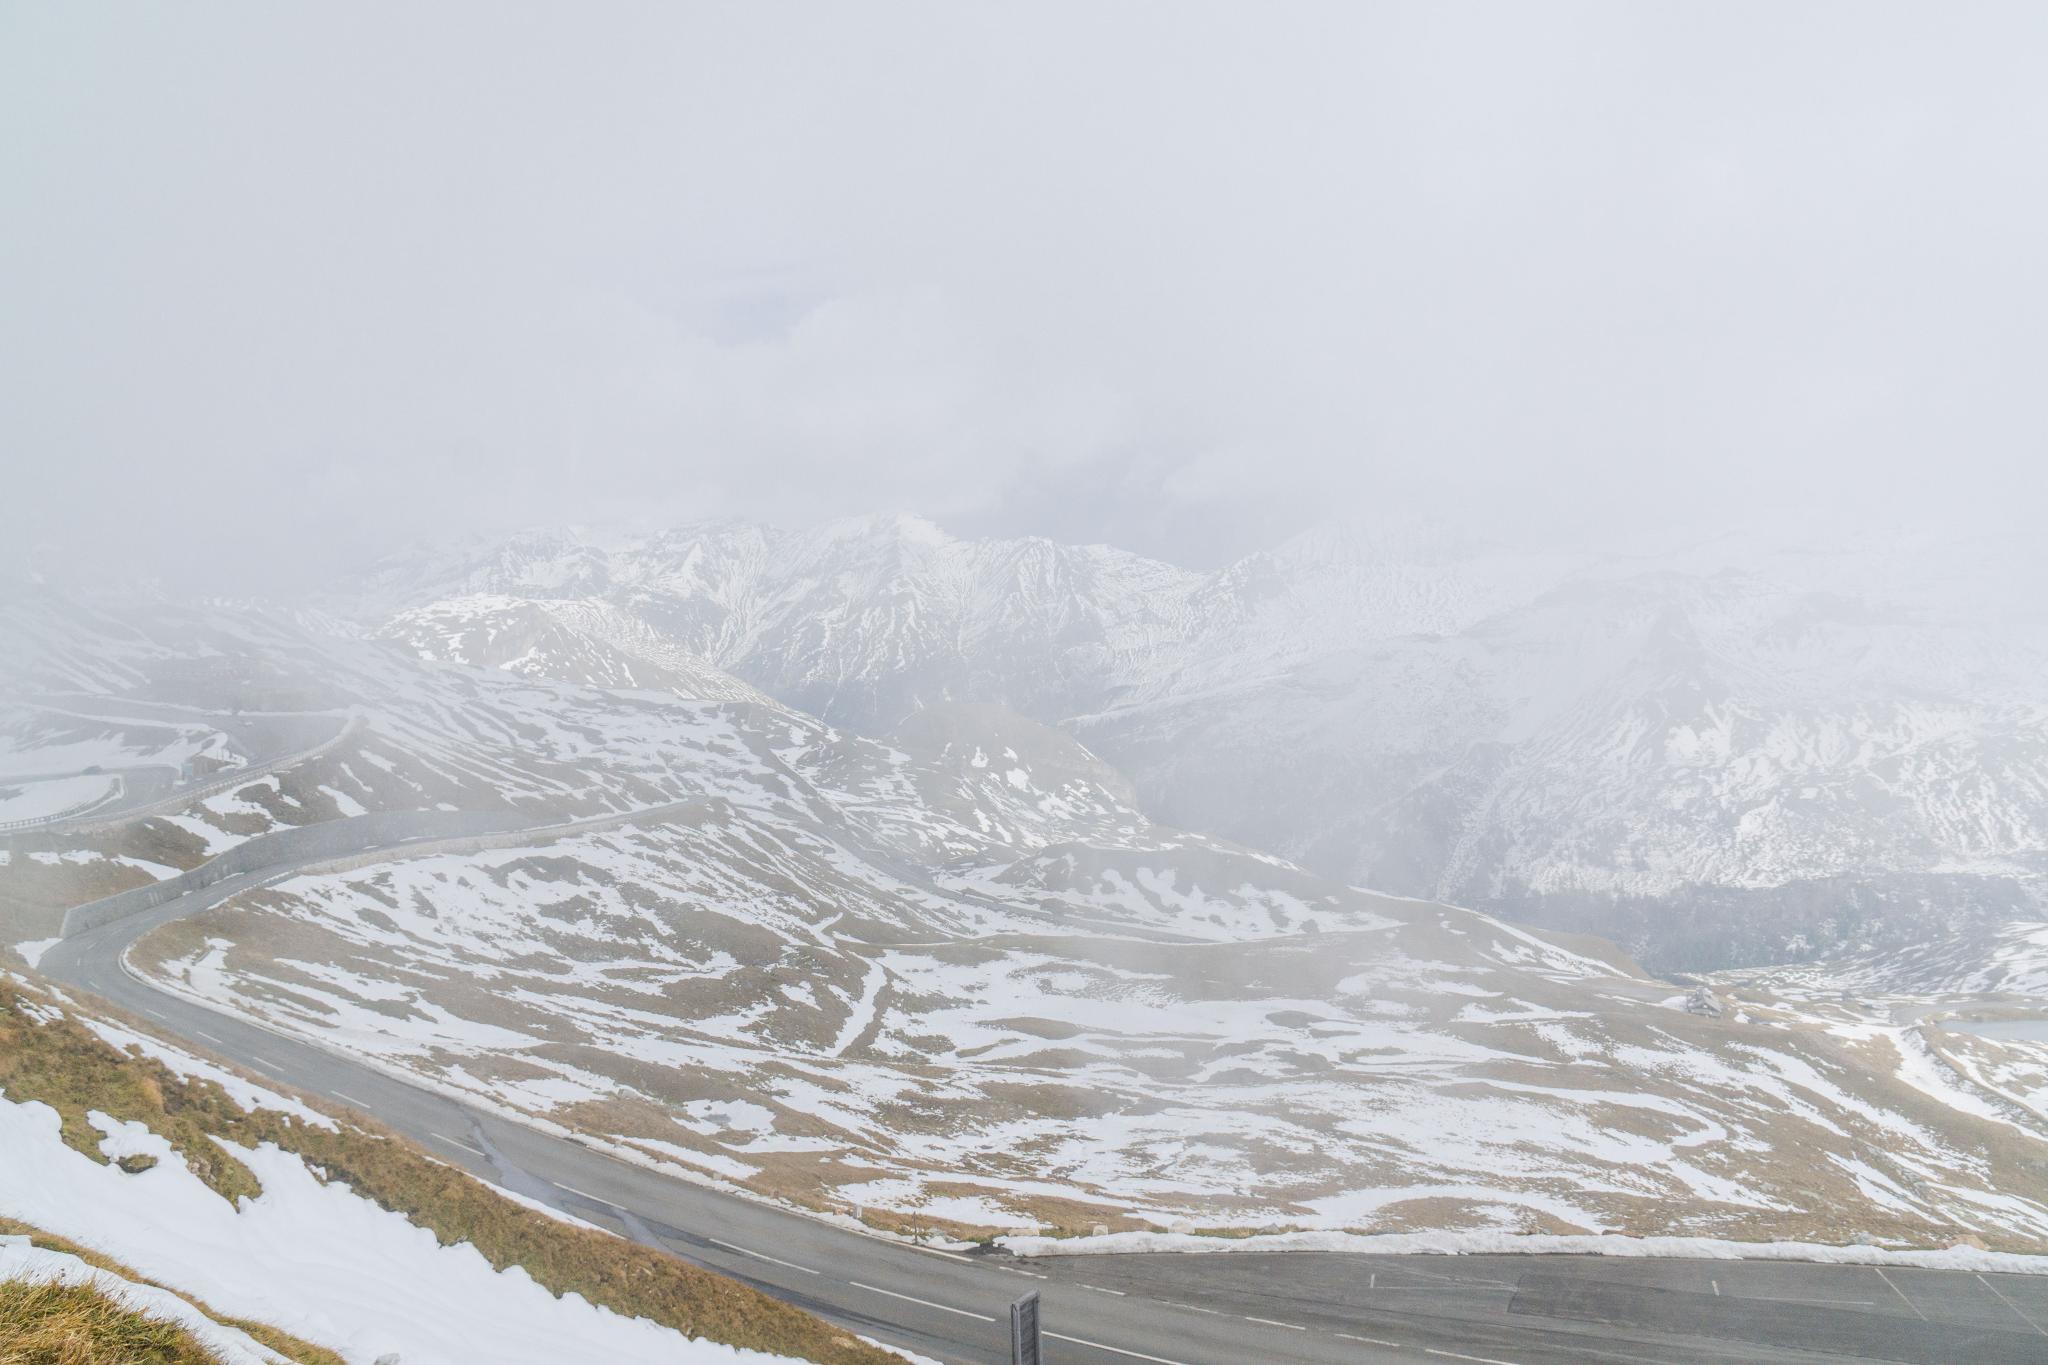 【奧地利】穿越阿爾卑斯之巔 — 奧地利大鐘山冰河公路 (Grossglockner High Alpine Road) 58